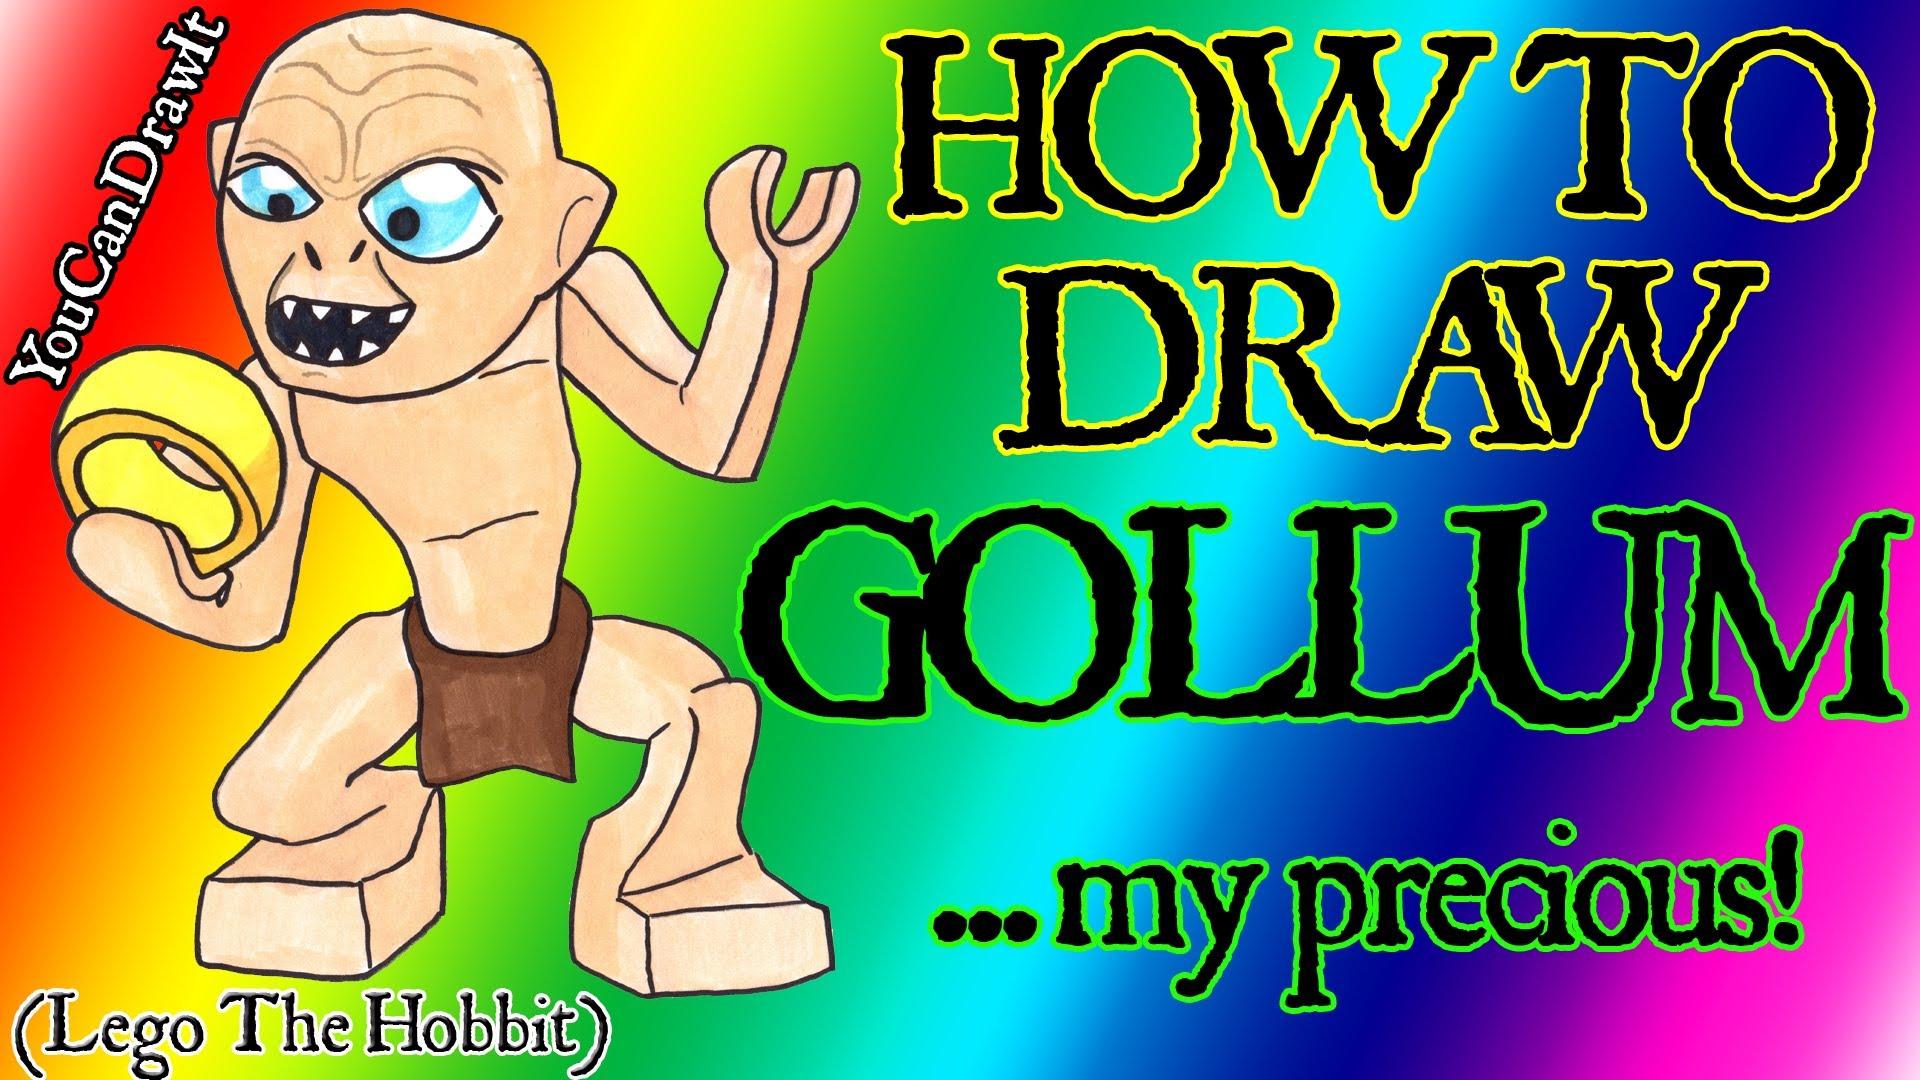 Hobbit clipart gollum 1080p Gollum & Gollum How